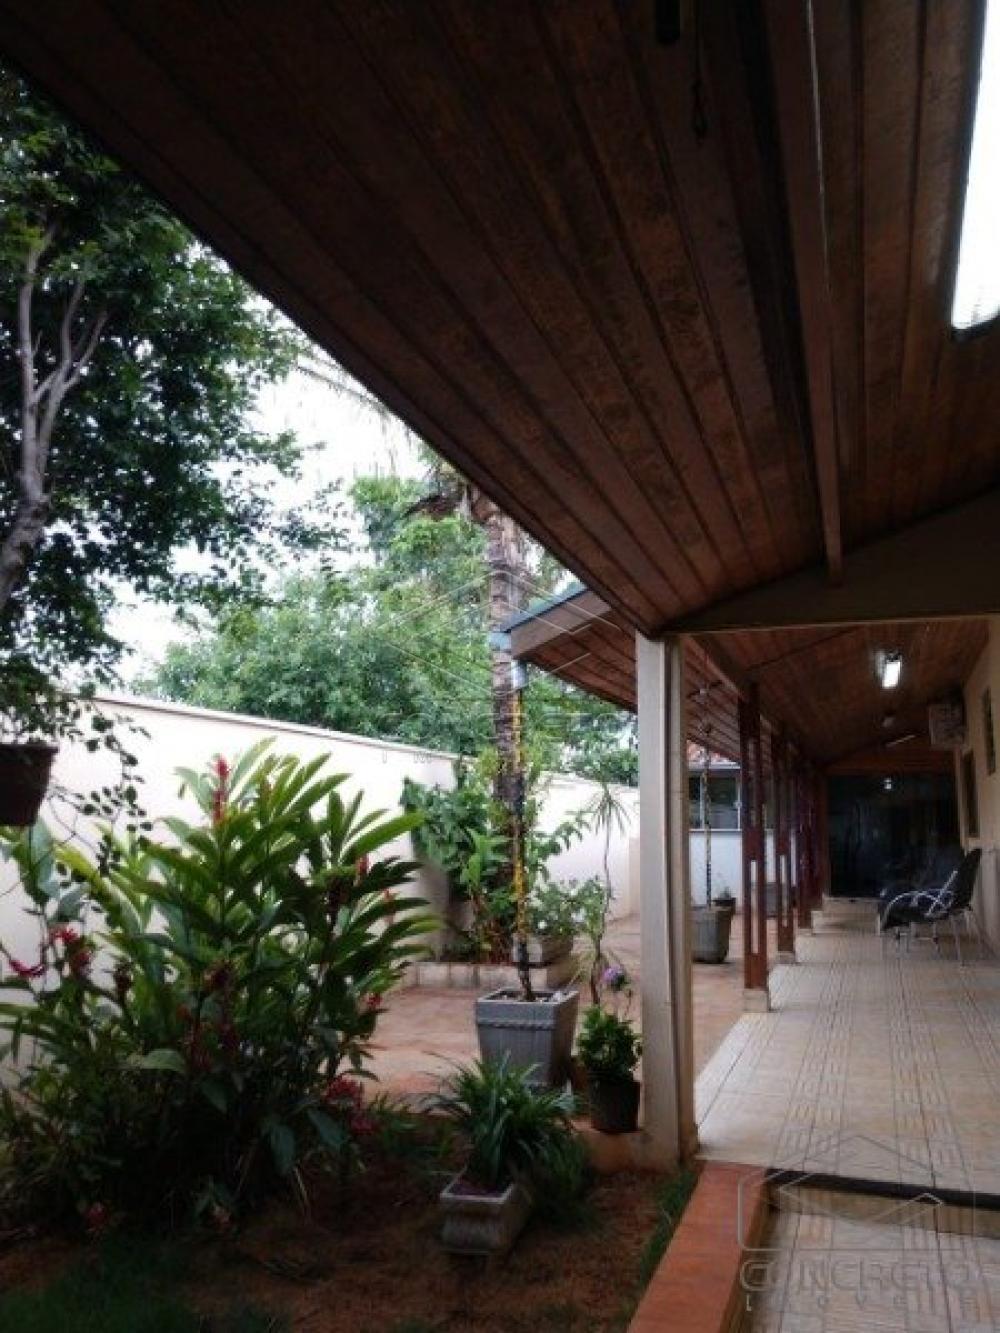 Comprar Casa / Residencia em Jaú apenas R$ 255.000,00 - Foto 12